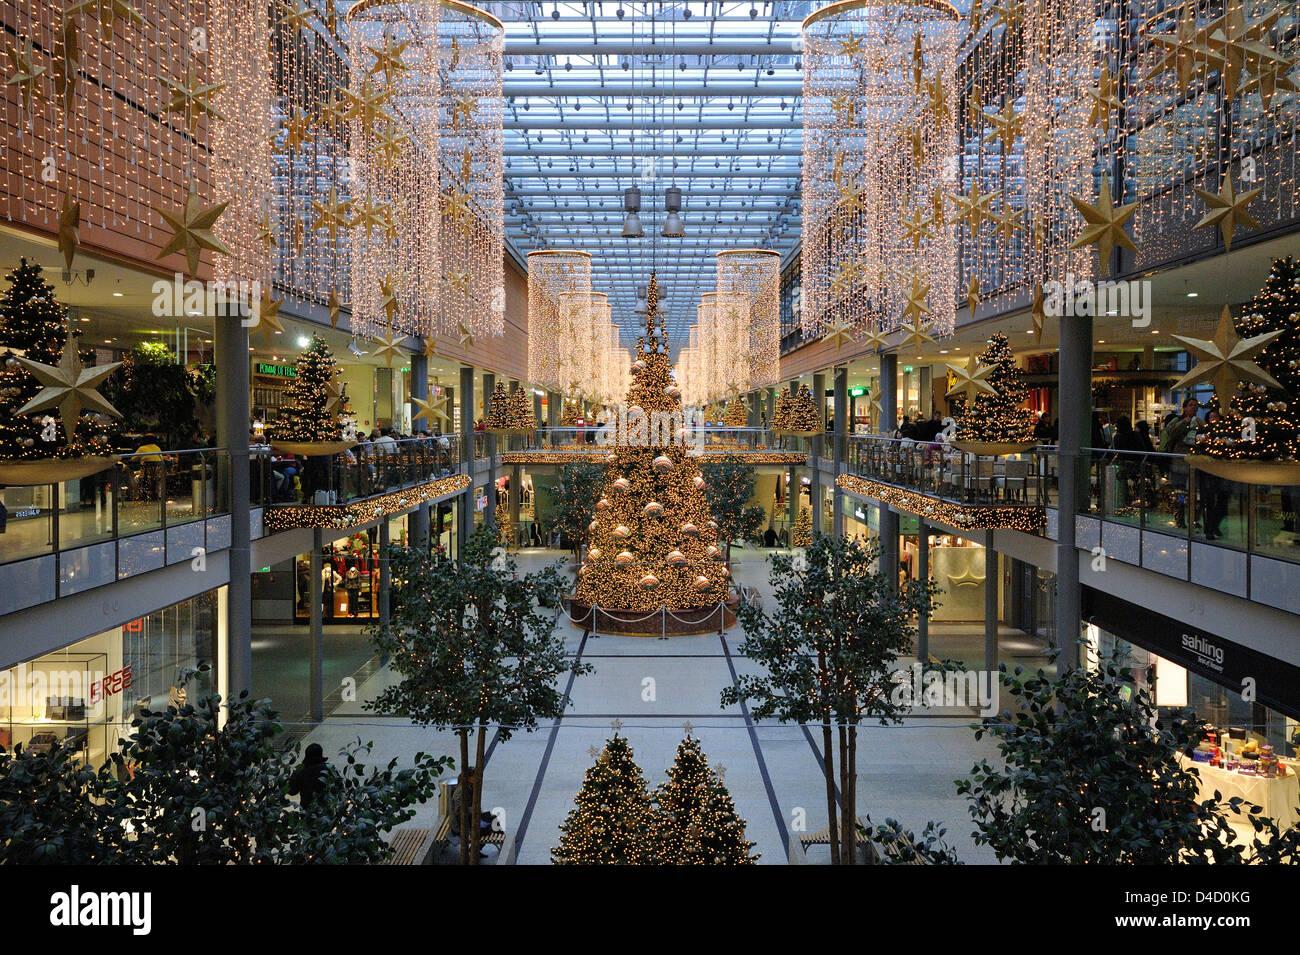 Shopping Mall Potsdamer Platz Arkaden At Christmas Time